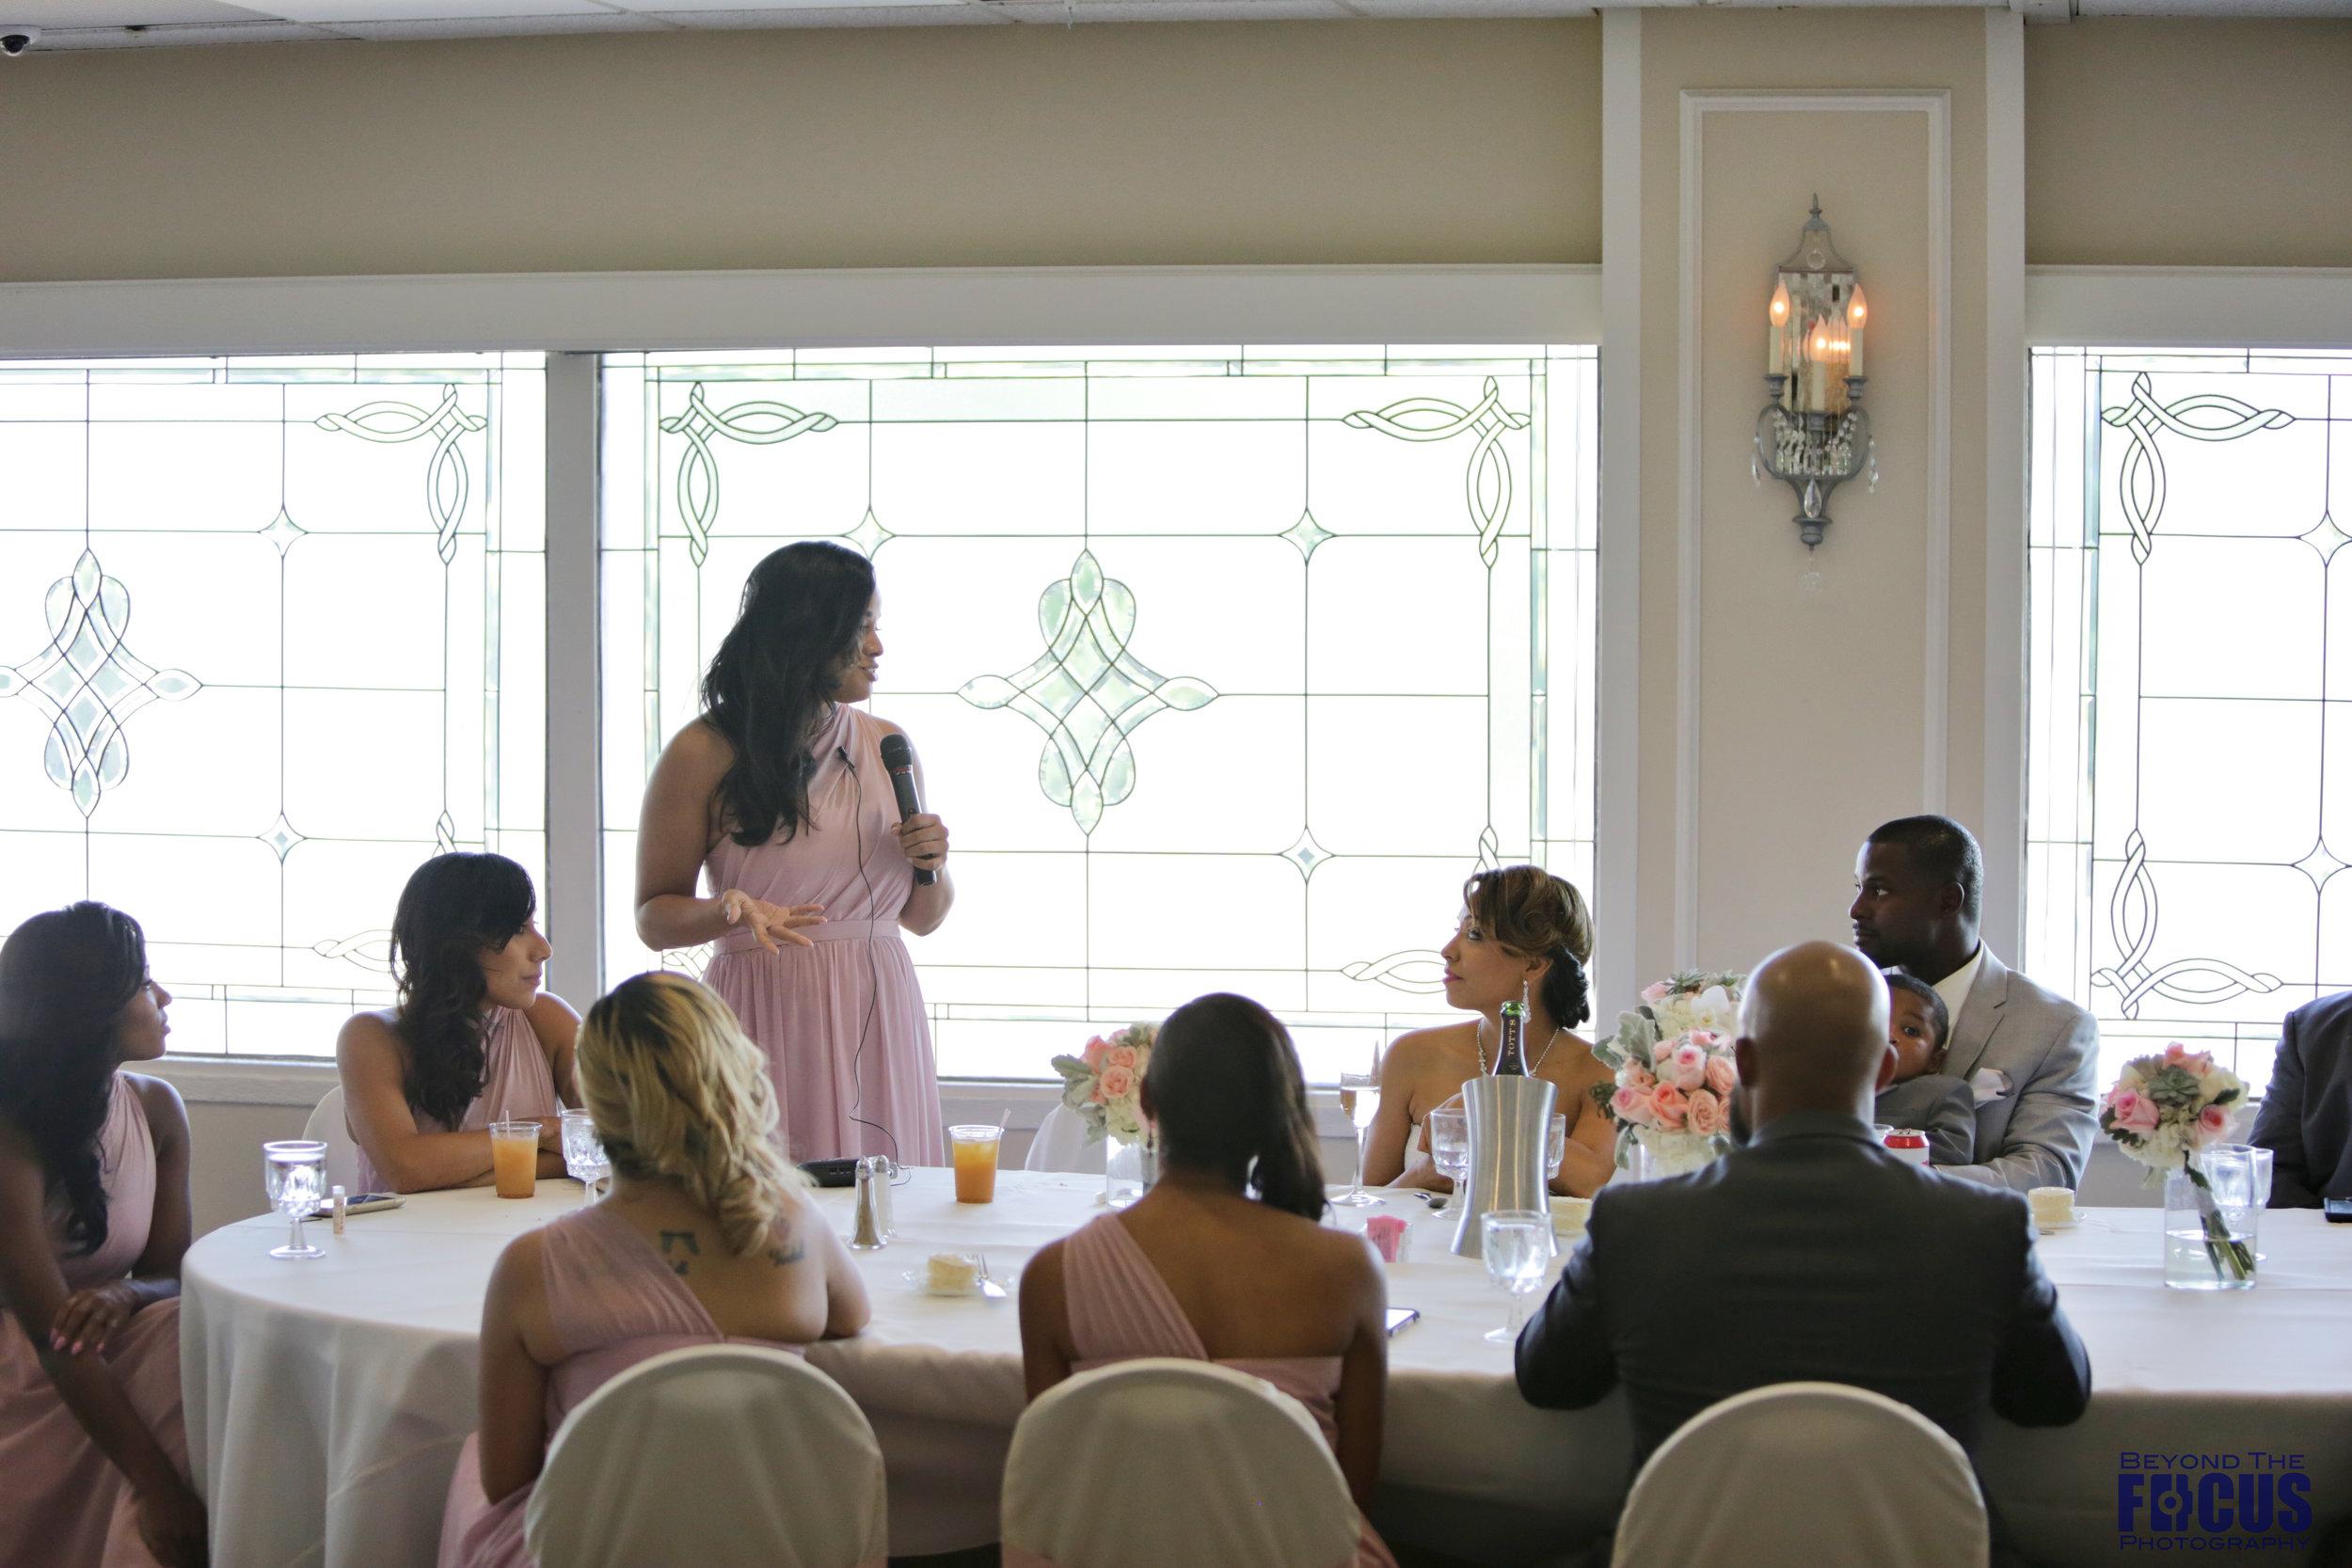 Palmer Wedding - Wedding Reception32.jpg